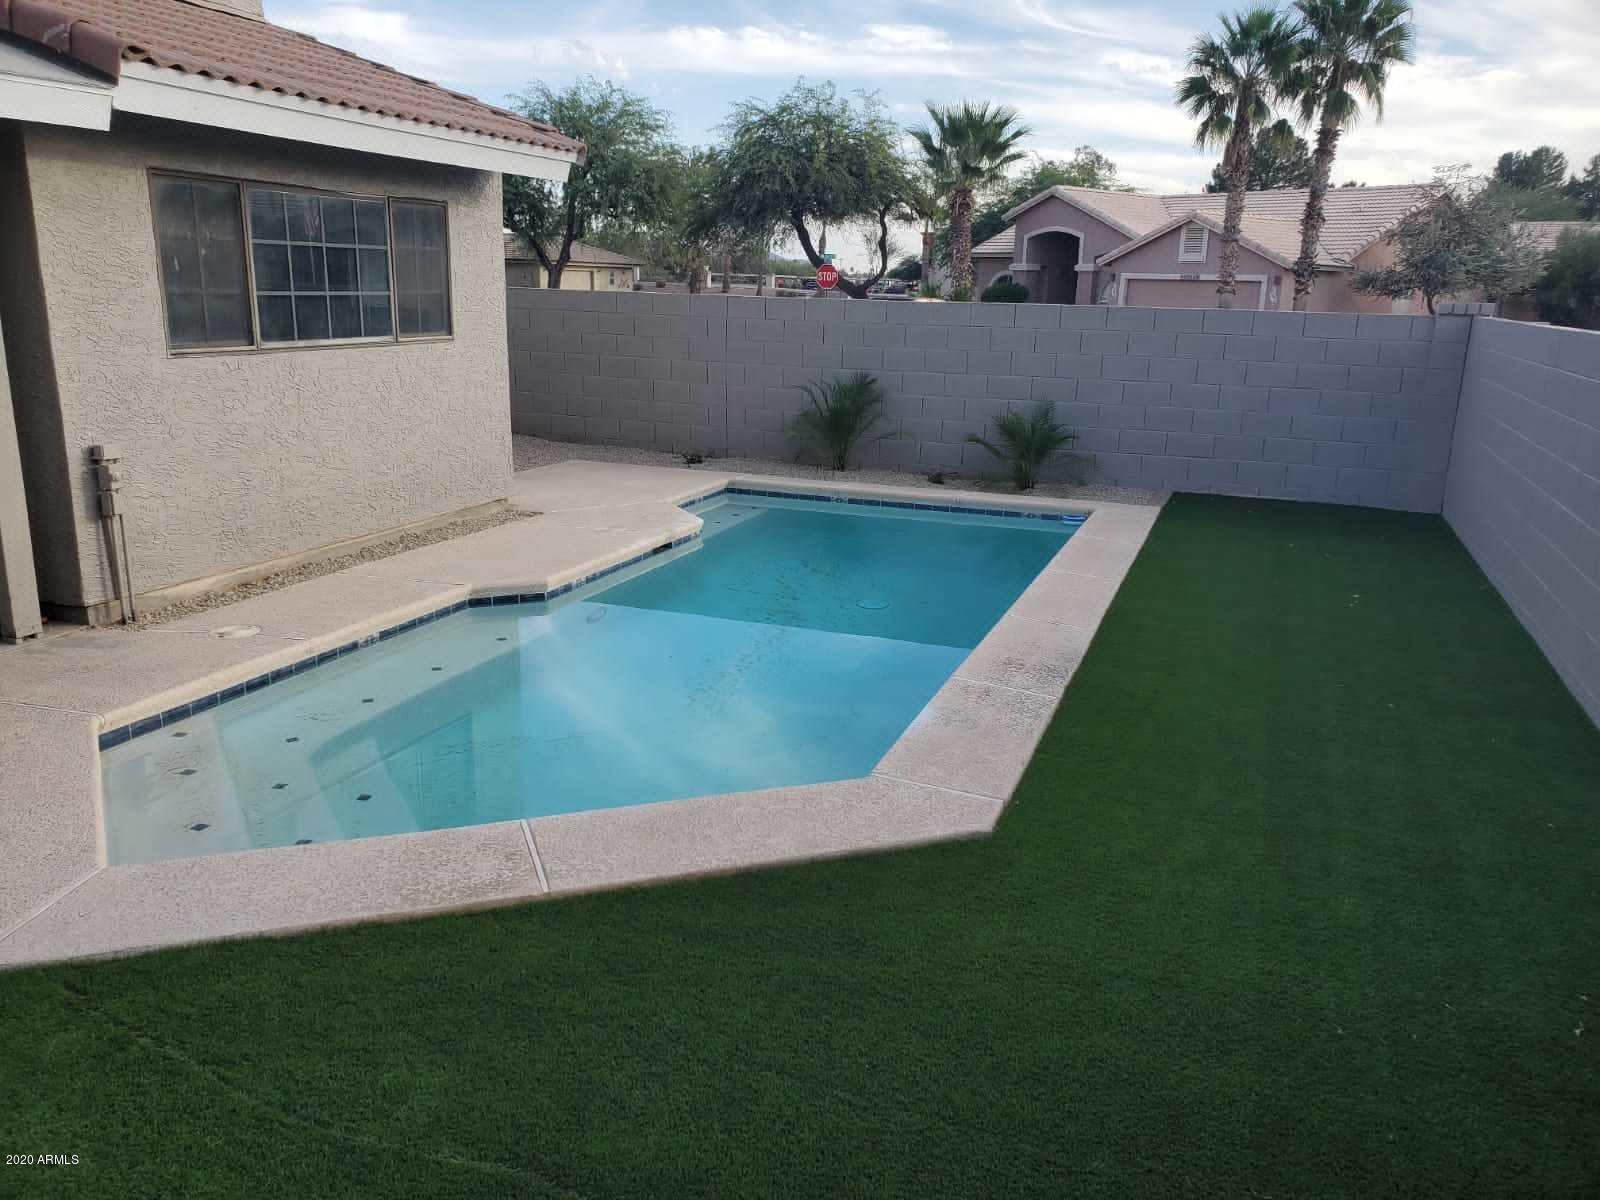 MLS 6156179 2079 N SWEETWATER Drive, Casa Grande, AZ 85122 Casa Grande AZ Three Bedroom